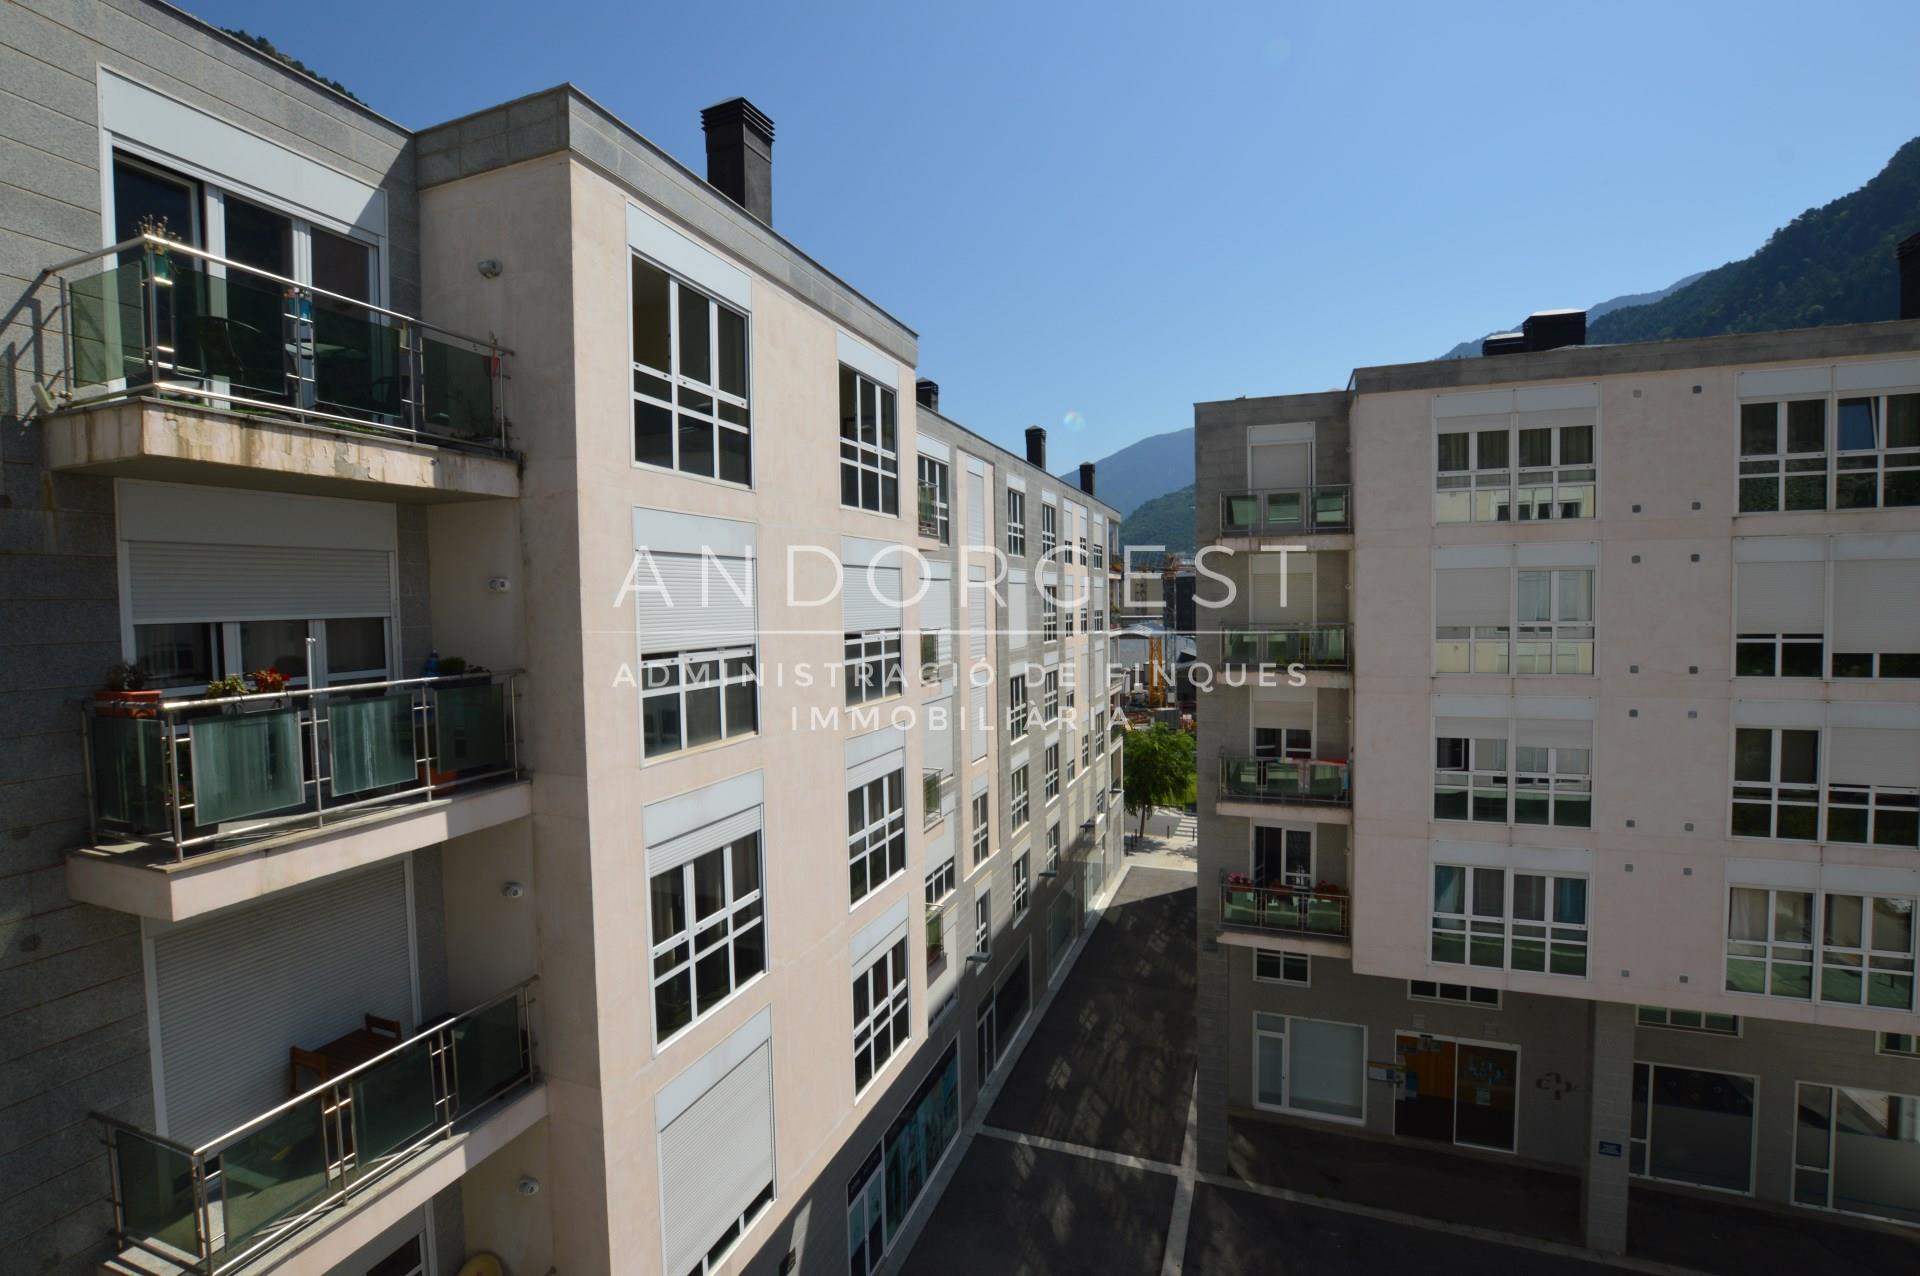 Pis en venda a Andorra la Vella, 3 habitacions, 115 metres